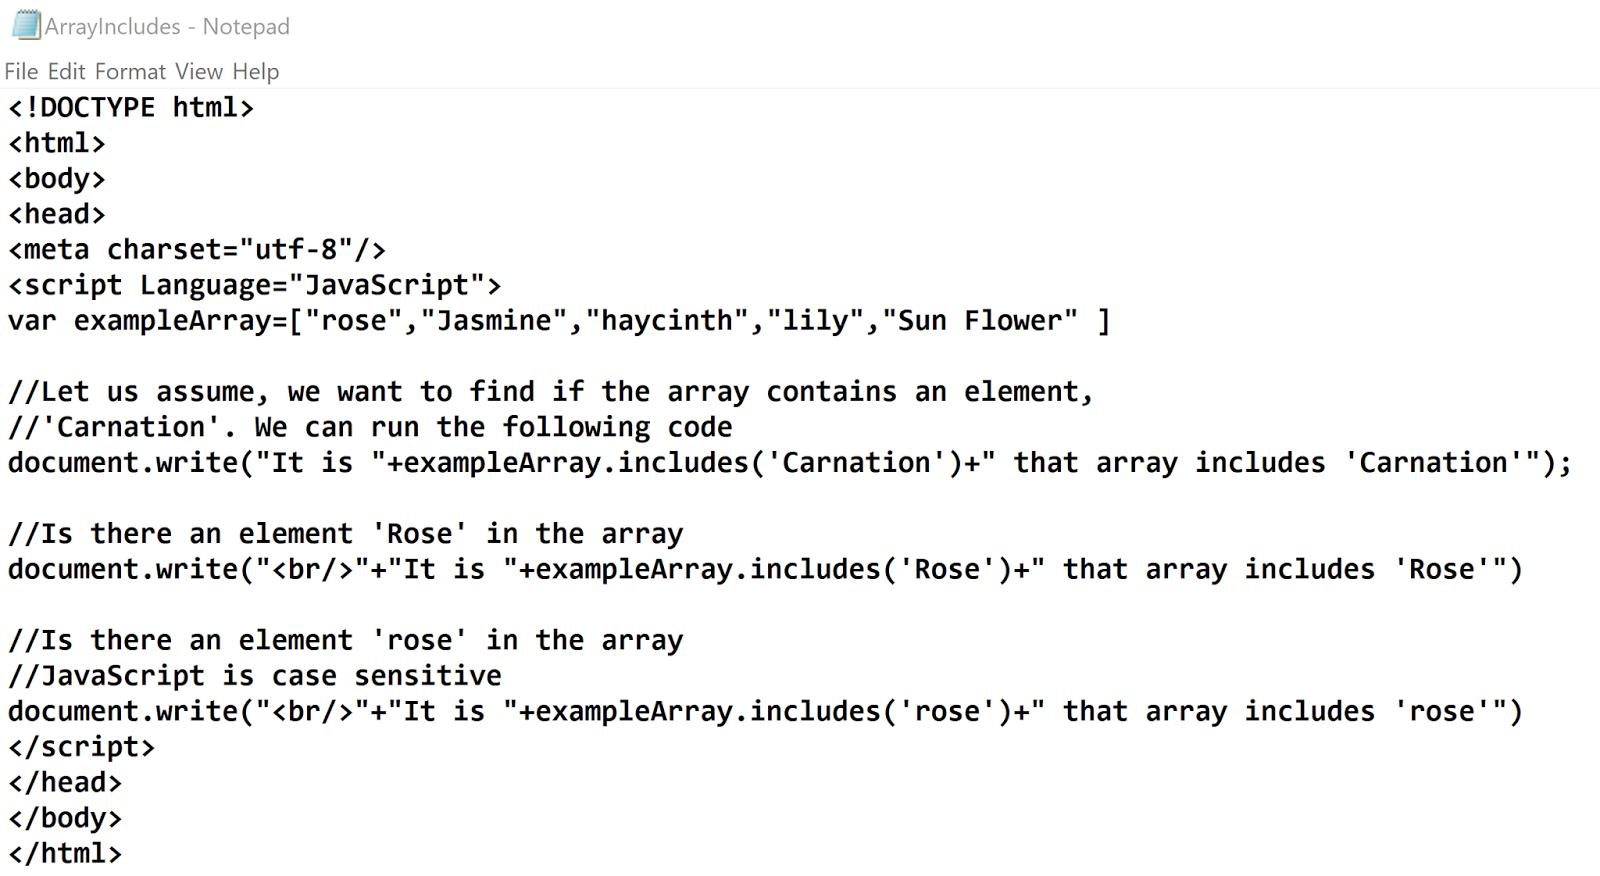 Hodentek Finding An Element In A Javascript Array